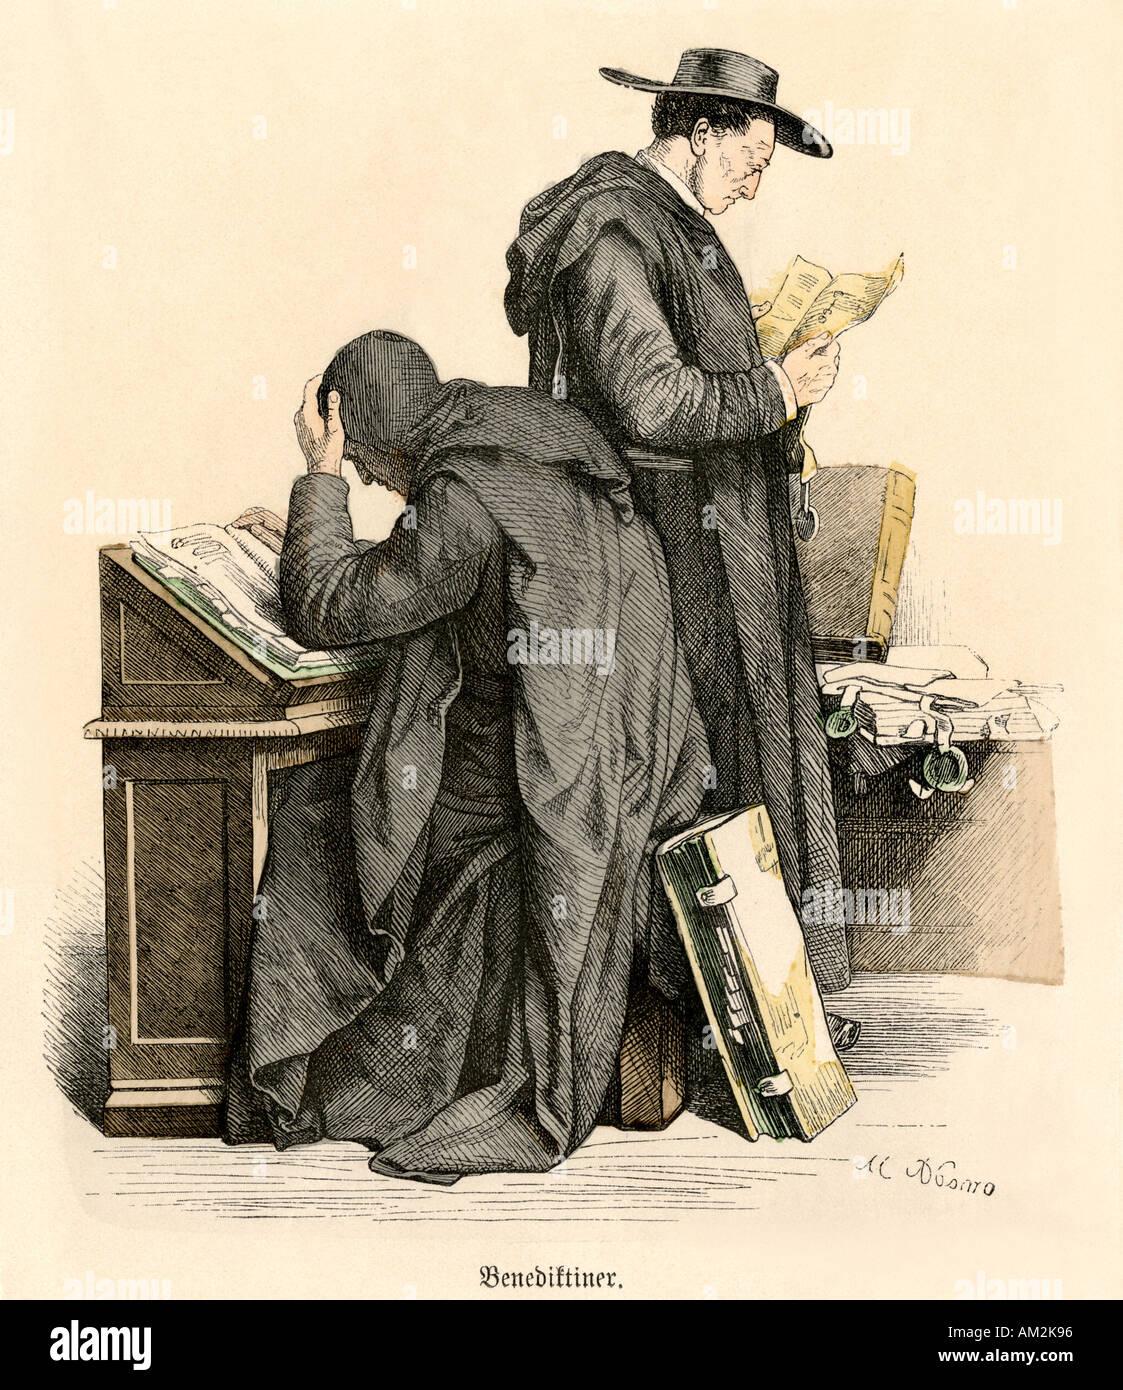 Benediktinermönche brütete über mittelalterliche Handschriften. Hand-farbig drucken Stockbild